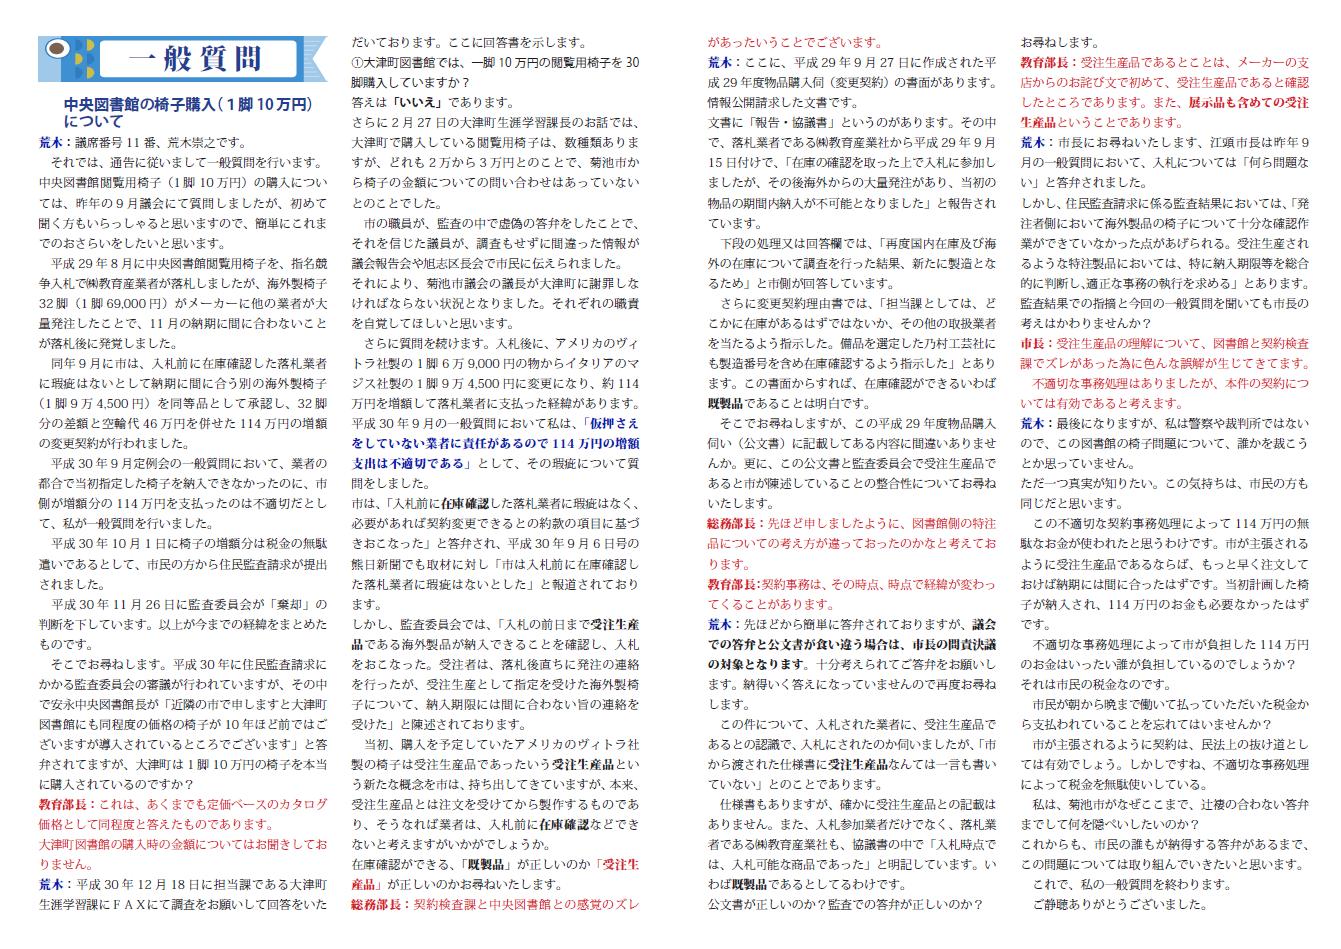 市政報告vol15-2